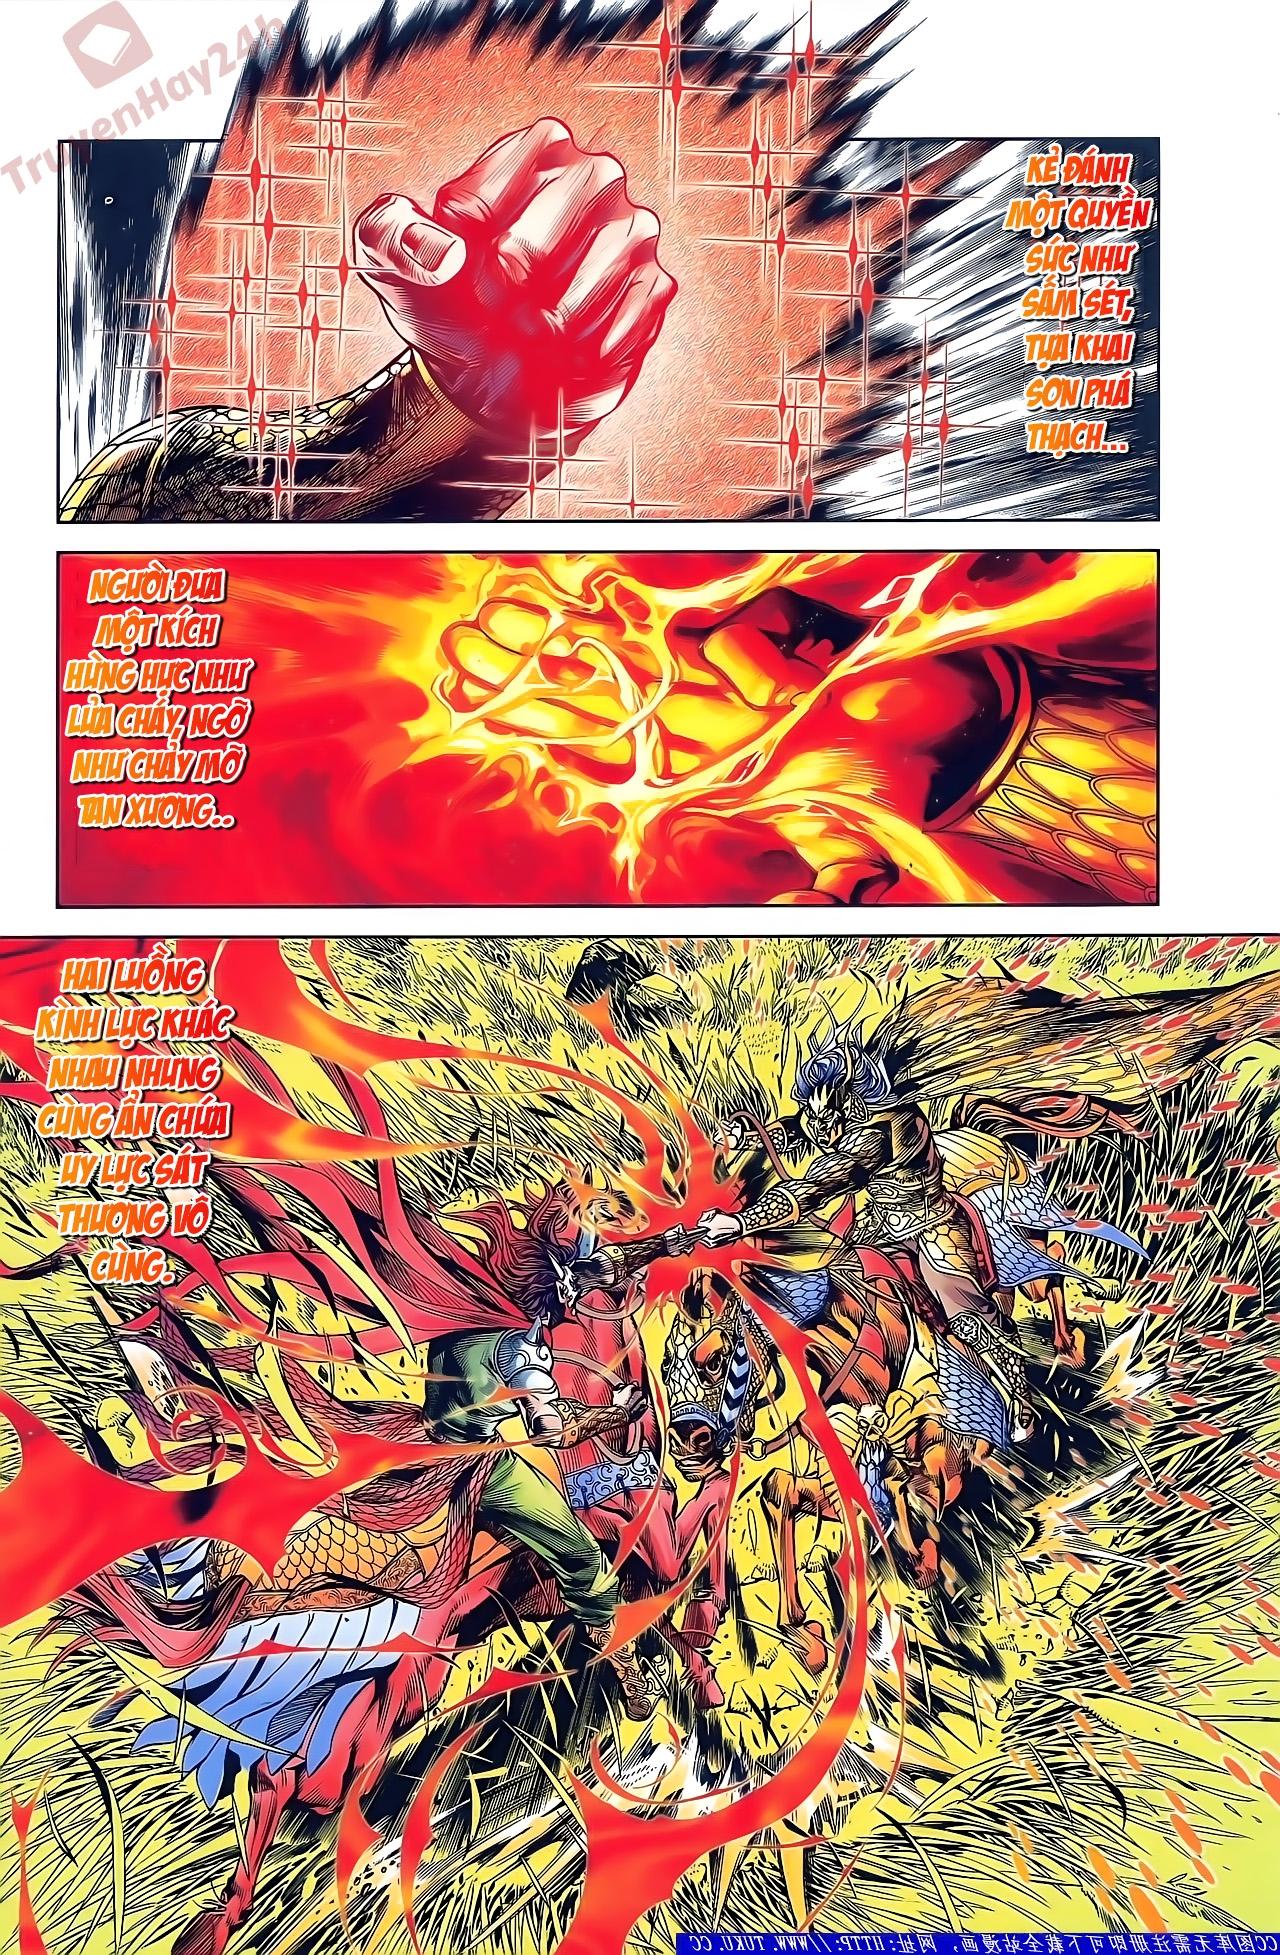 Tần Vương Doanh Chính chapter 47 trang 2